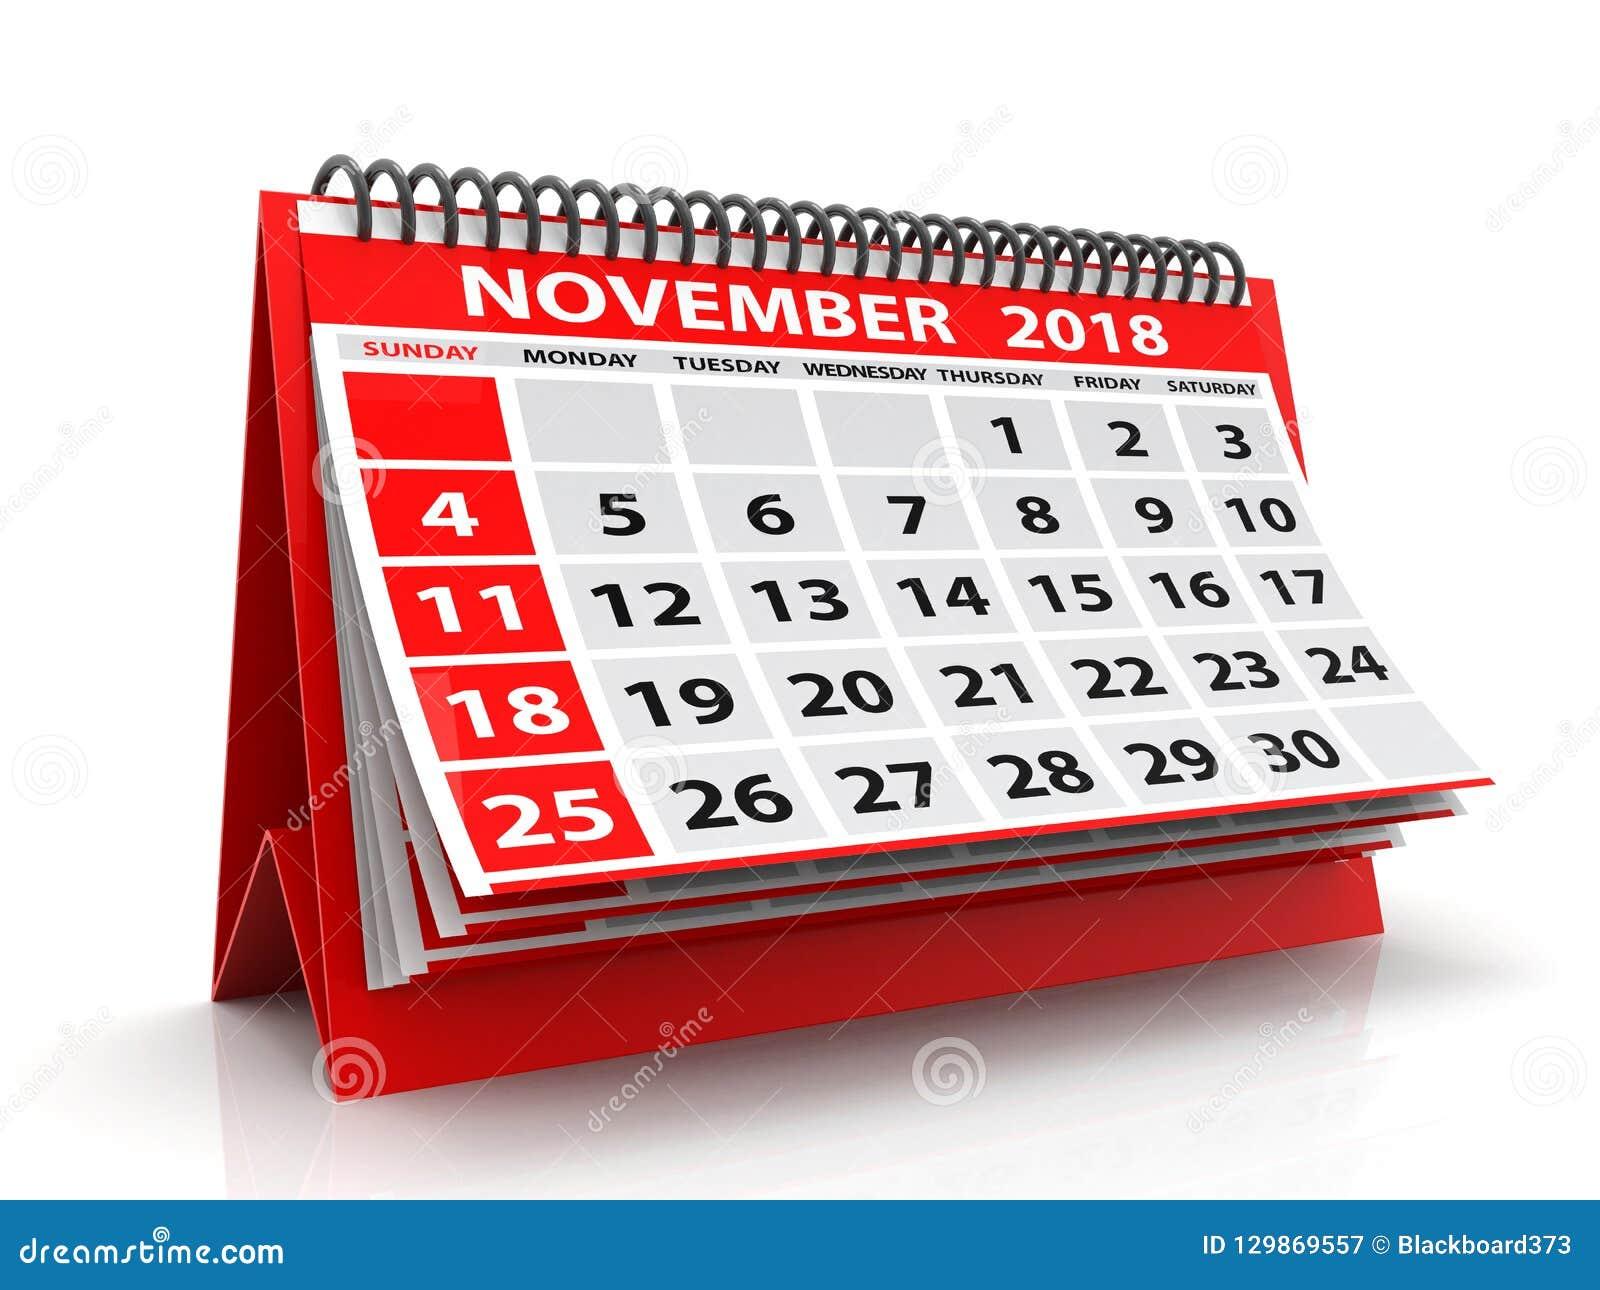 Spiraalvormige Kalender November 2018 November 2018 Kalender op witte achtergrond 3D Illustratie